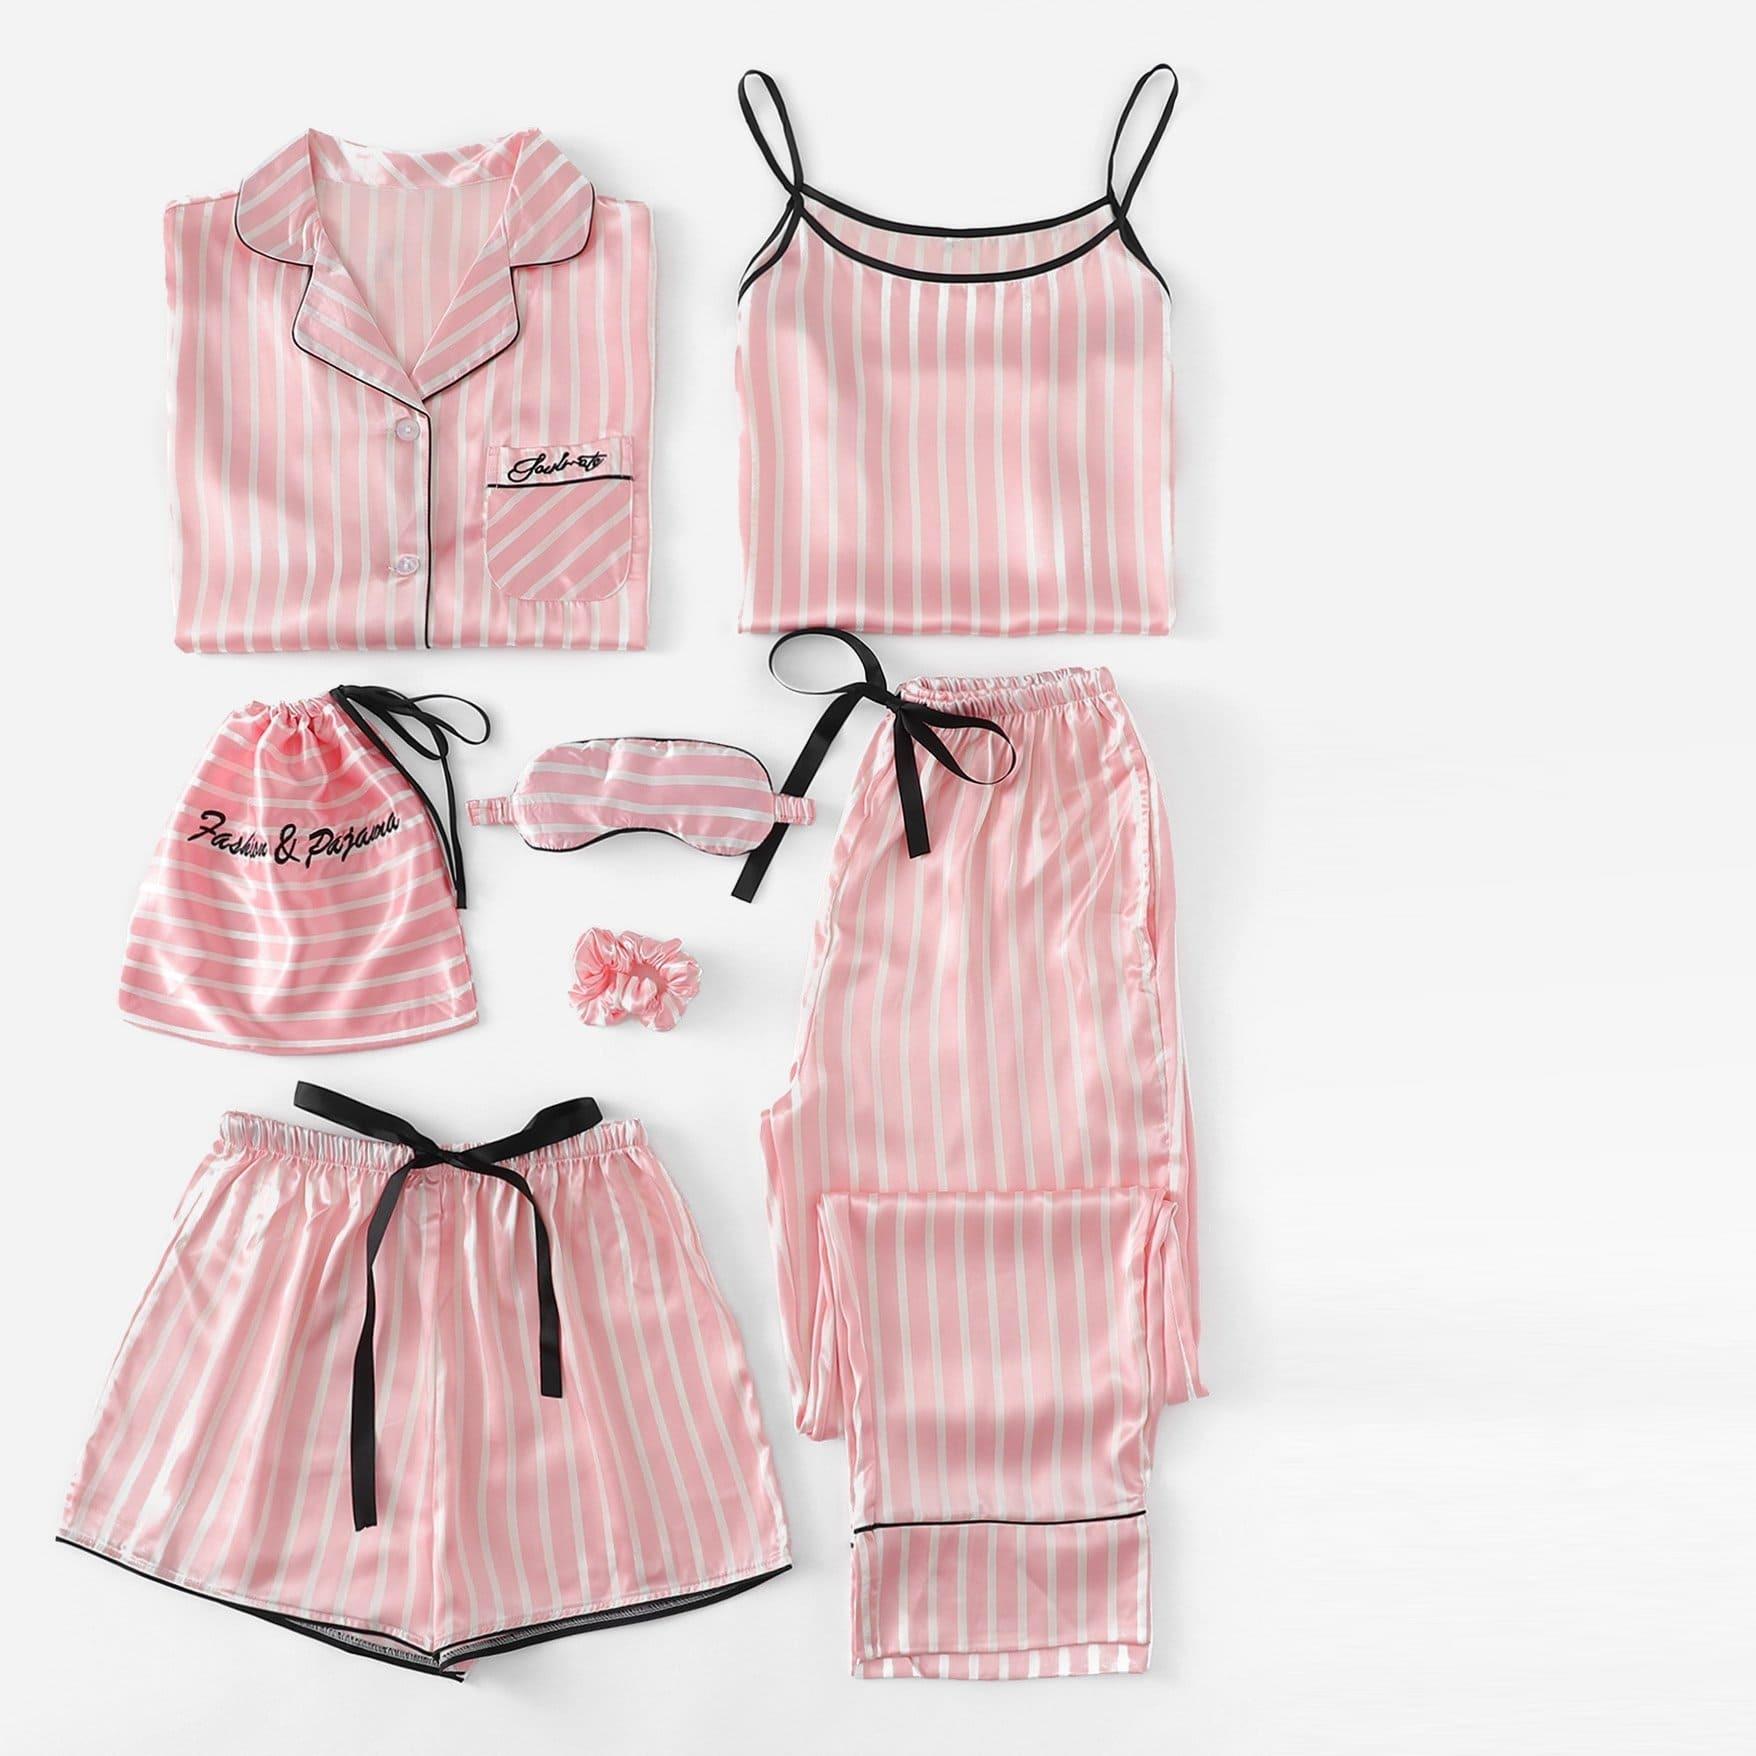 7 шт Комплект полосатой пижамы с рисунками вышитых букв и футболка